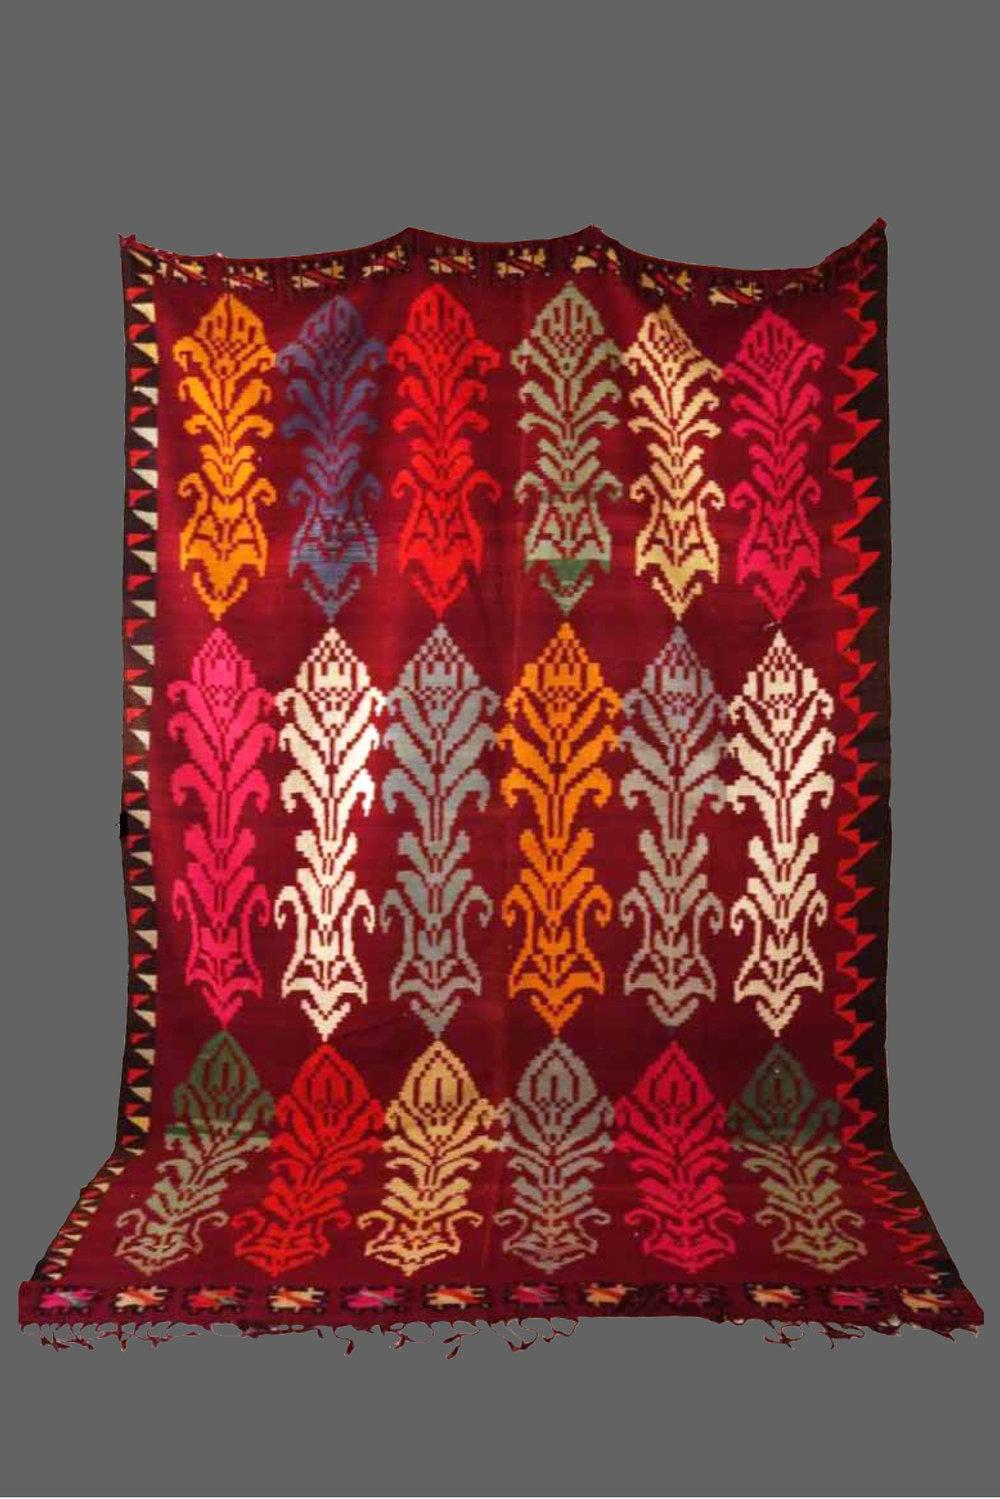 Ethnie : Gafsa    Origine : Tunisie    Année : 1980    Dimensions : 3,30 x 2,10    Technique : Tissage serré    Description : Kilim original , graphisme plus proche d'Europe centrale    Référence : KG 006    Prix : 1000€